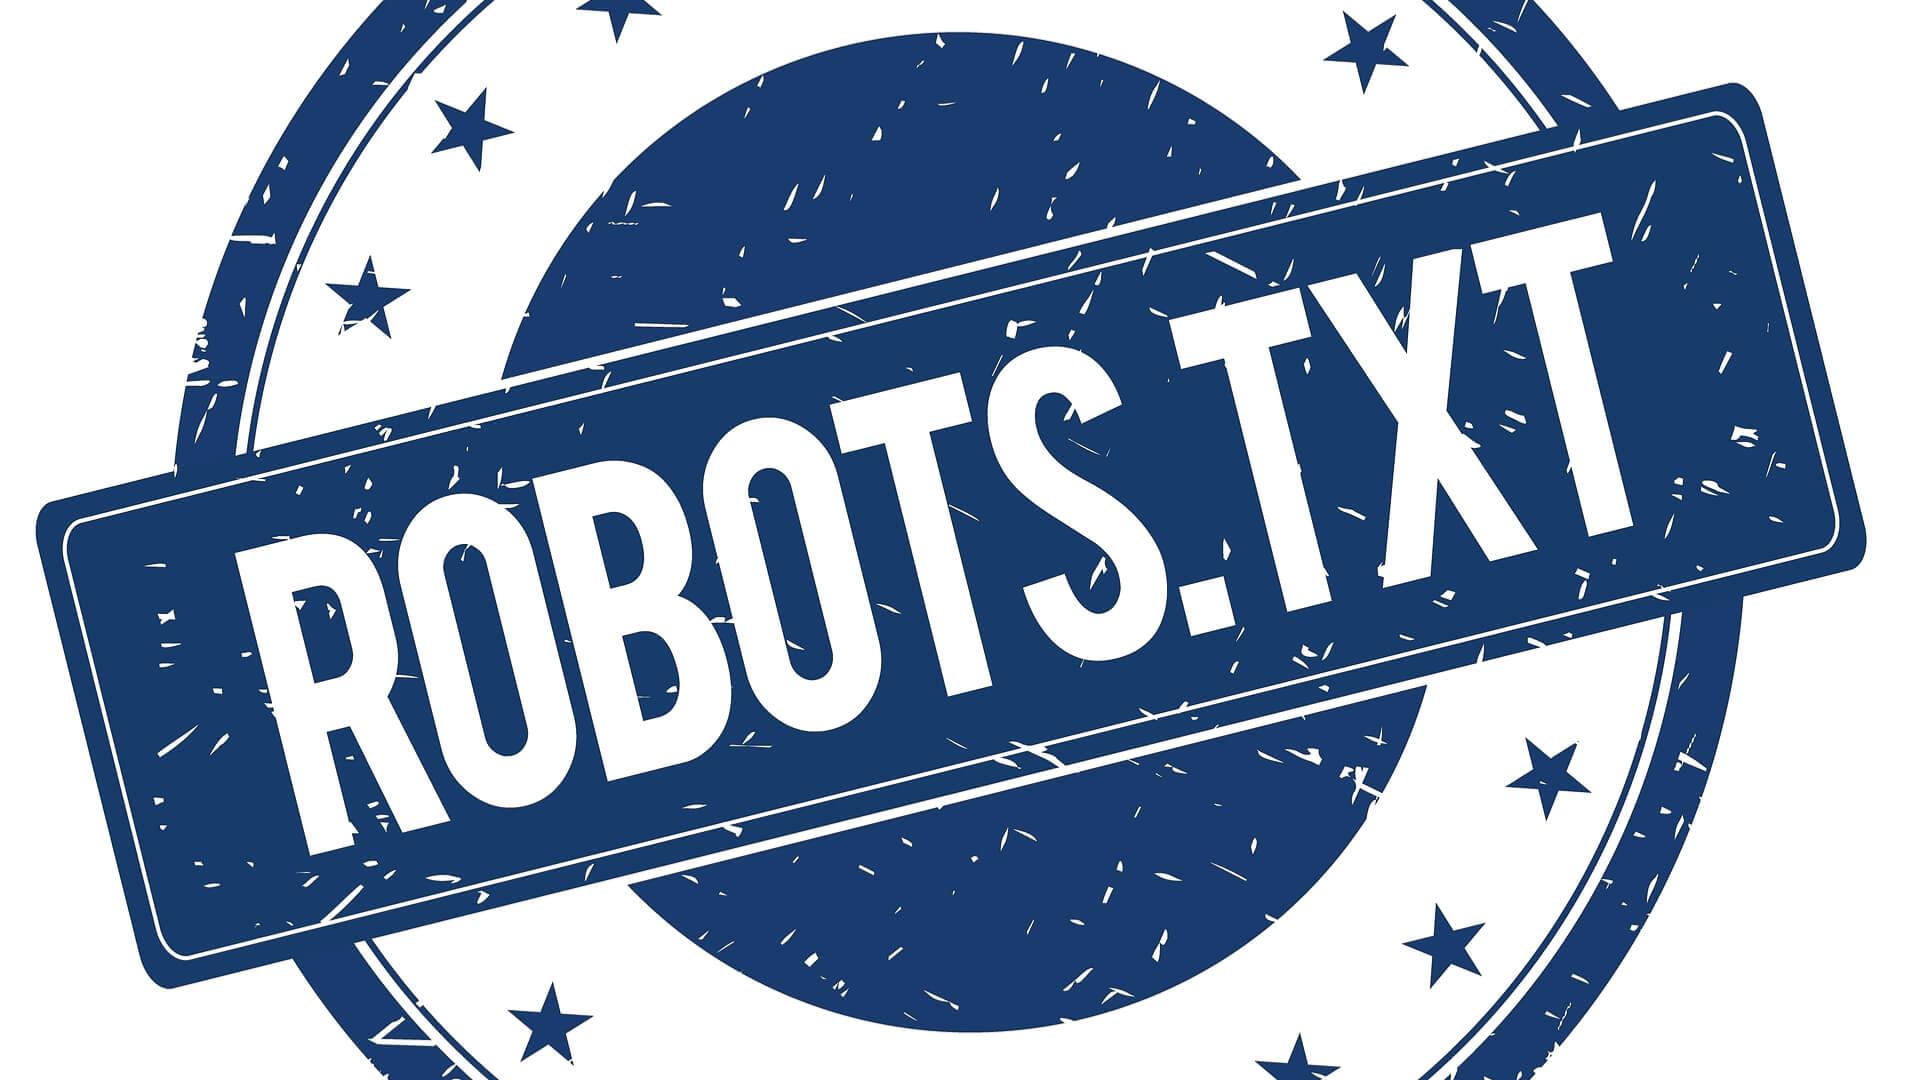 Tìm hiểu về file robots.txt | File robots.txt là gì?